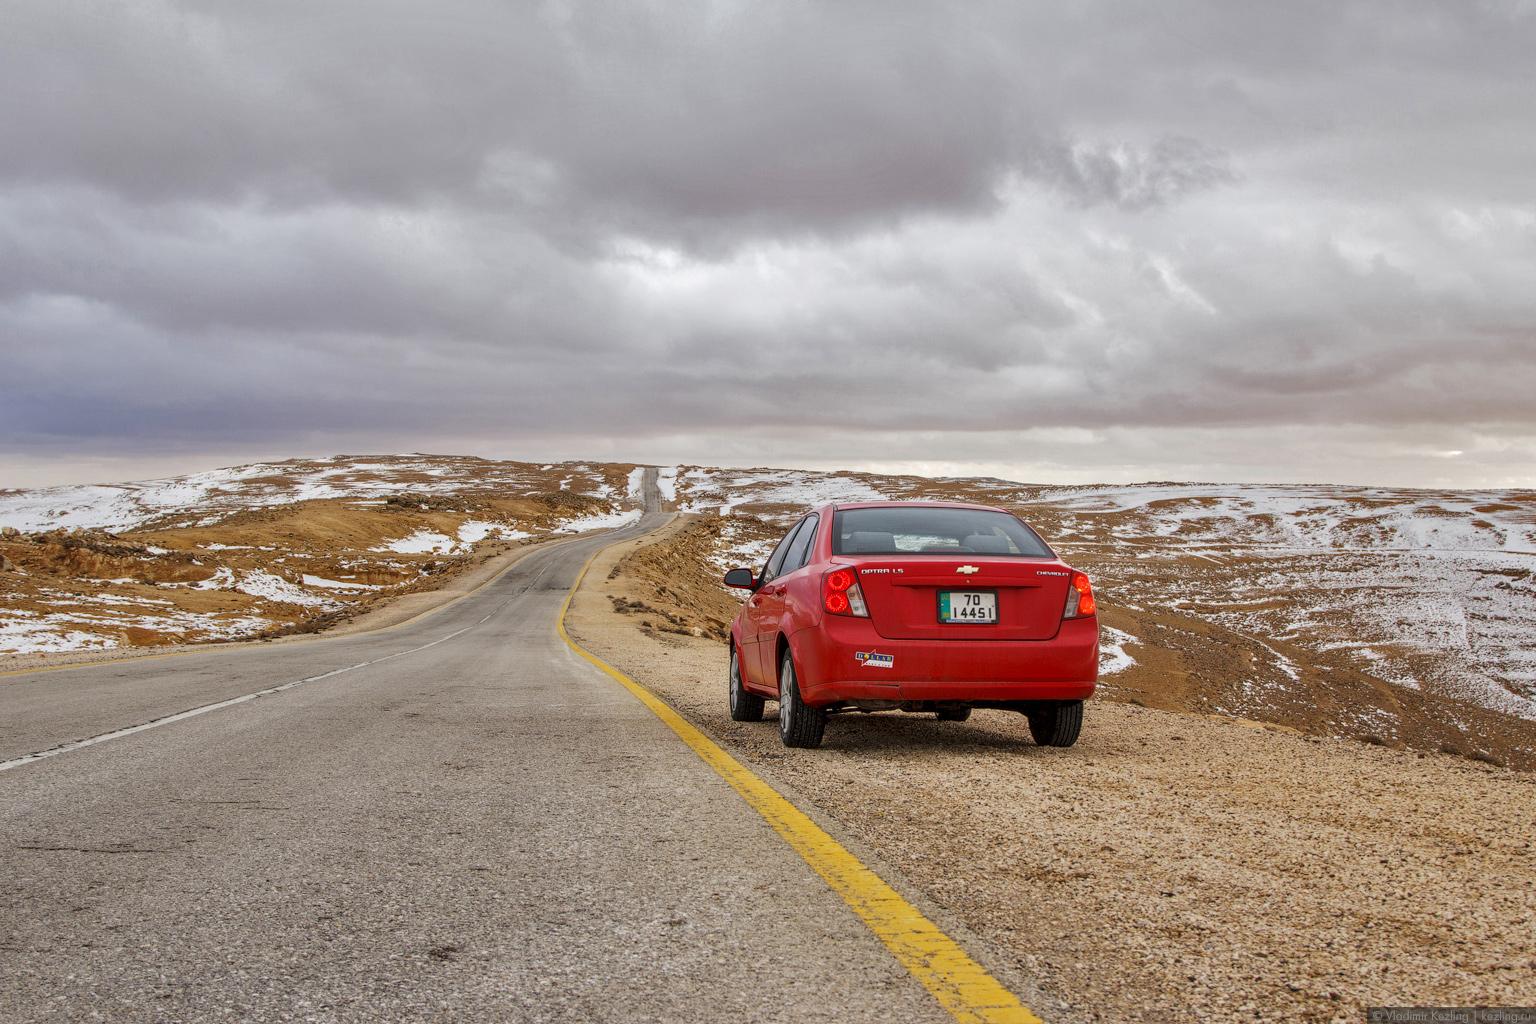 Авантюры продолжаются. Иордания. Дорожные размышления